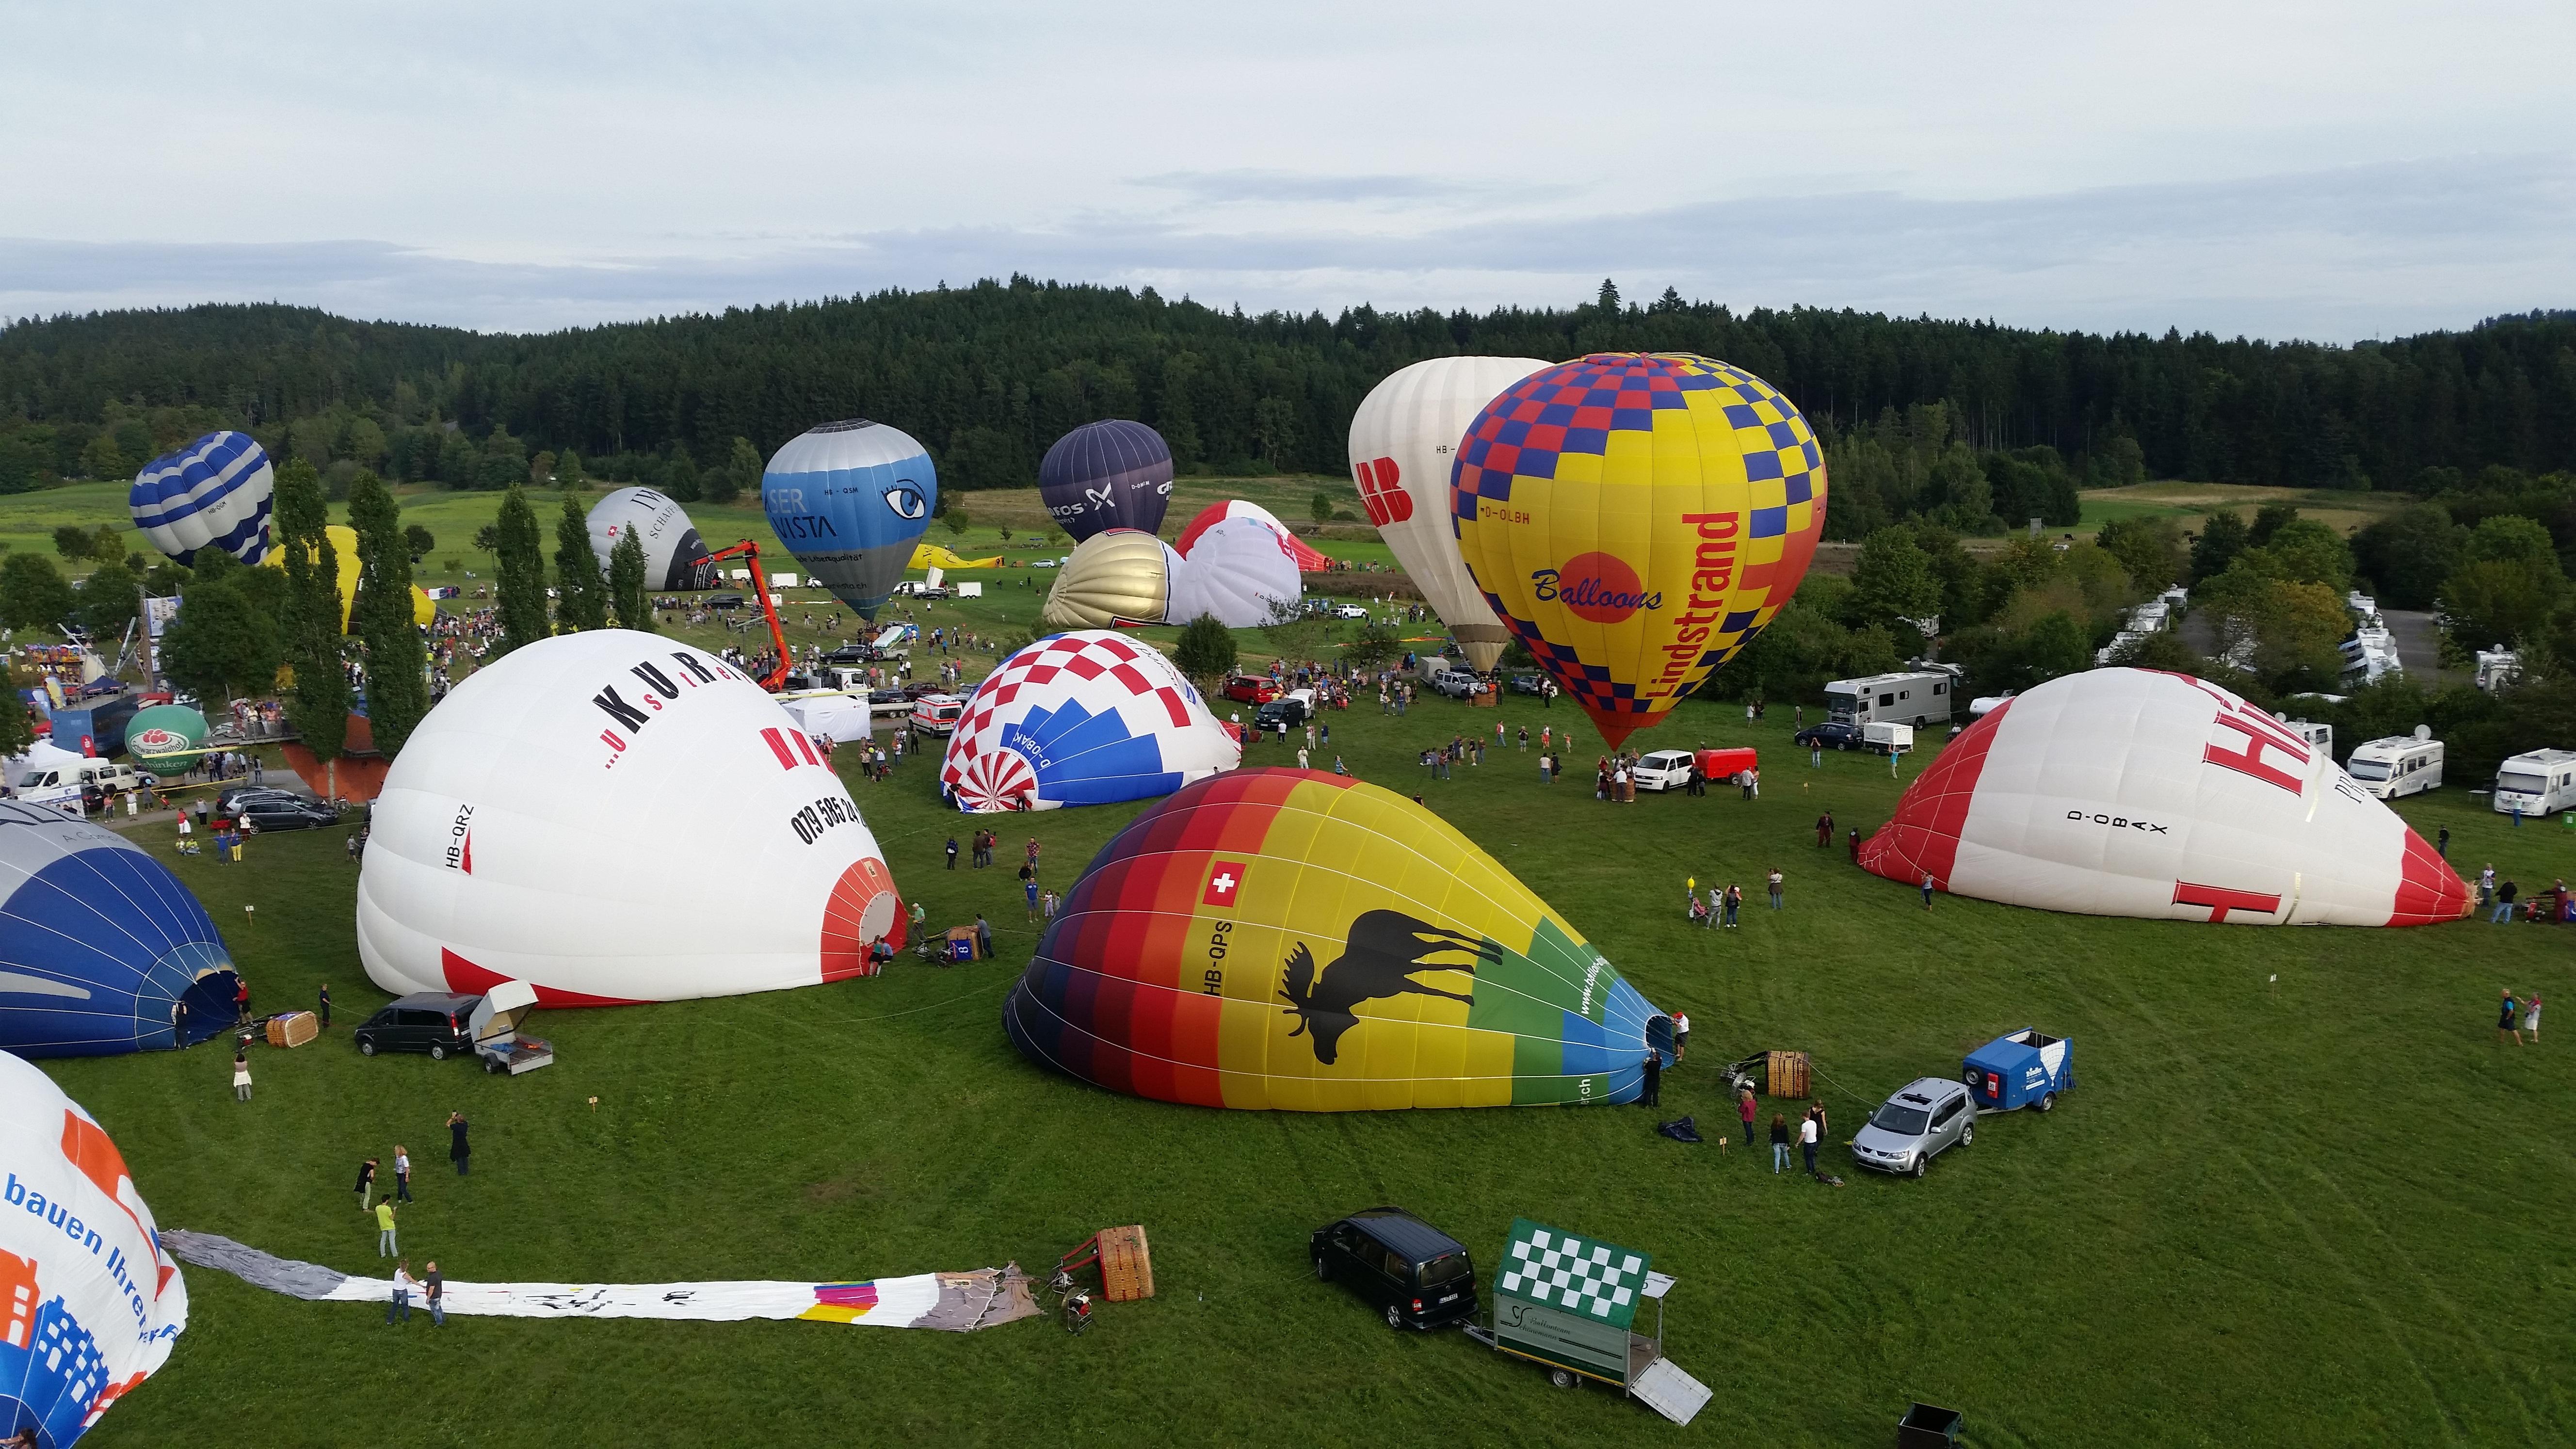 Gambar Balon Udara Pesawat Terbang Kendaraan Warna Warni Mainan Ballooning Olahraga Air Panas